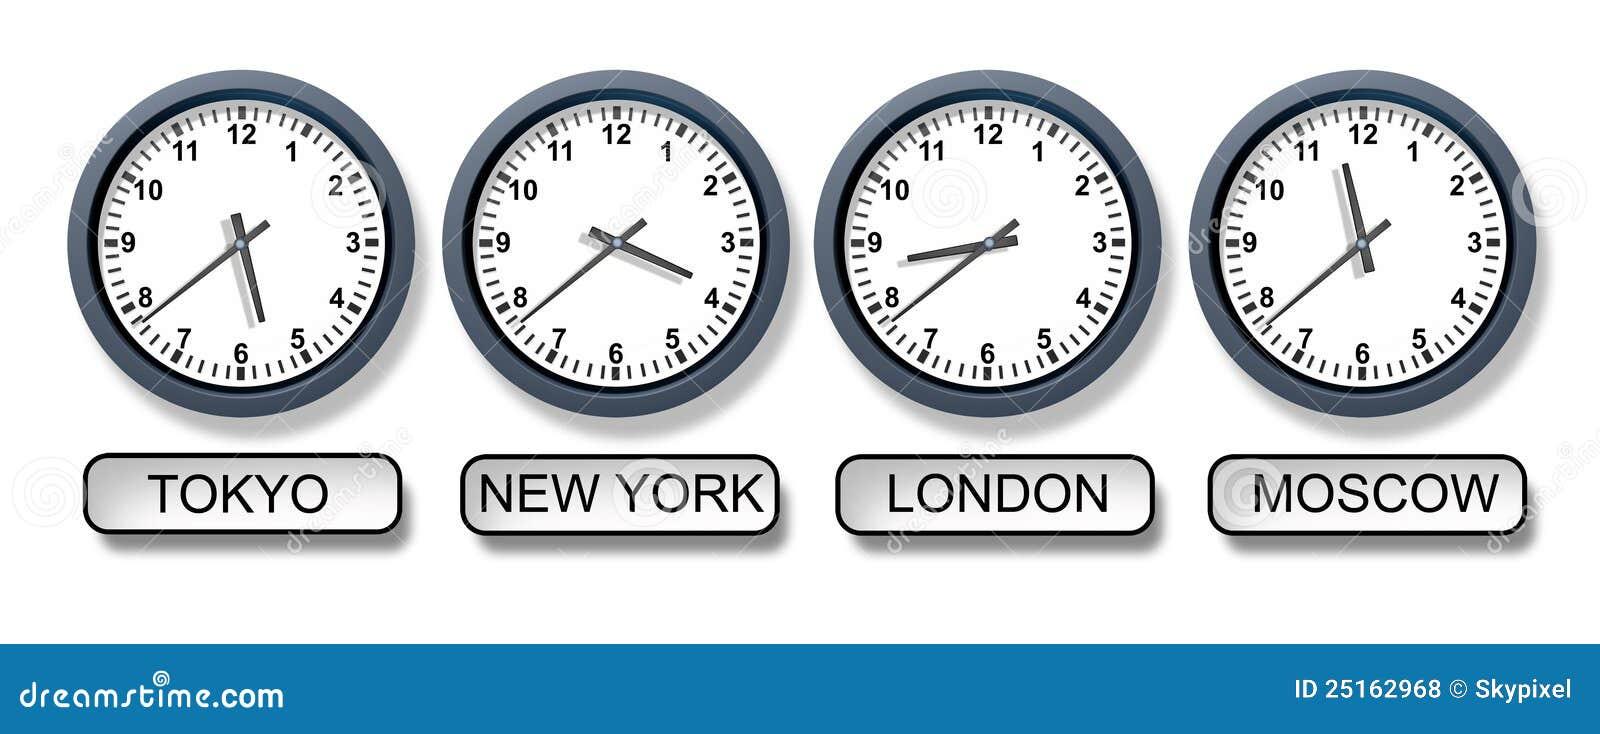 De klokken van de tijdzone van de wereld stock illustratie afbeelding 25162968 - Bank thuismarkten van de wereld ...